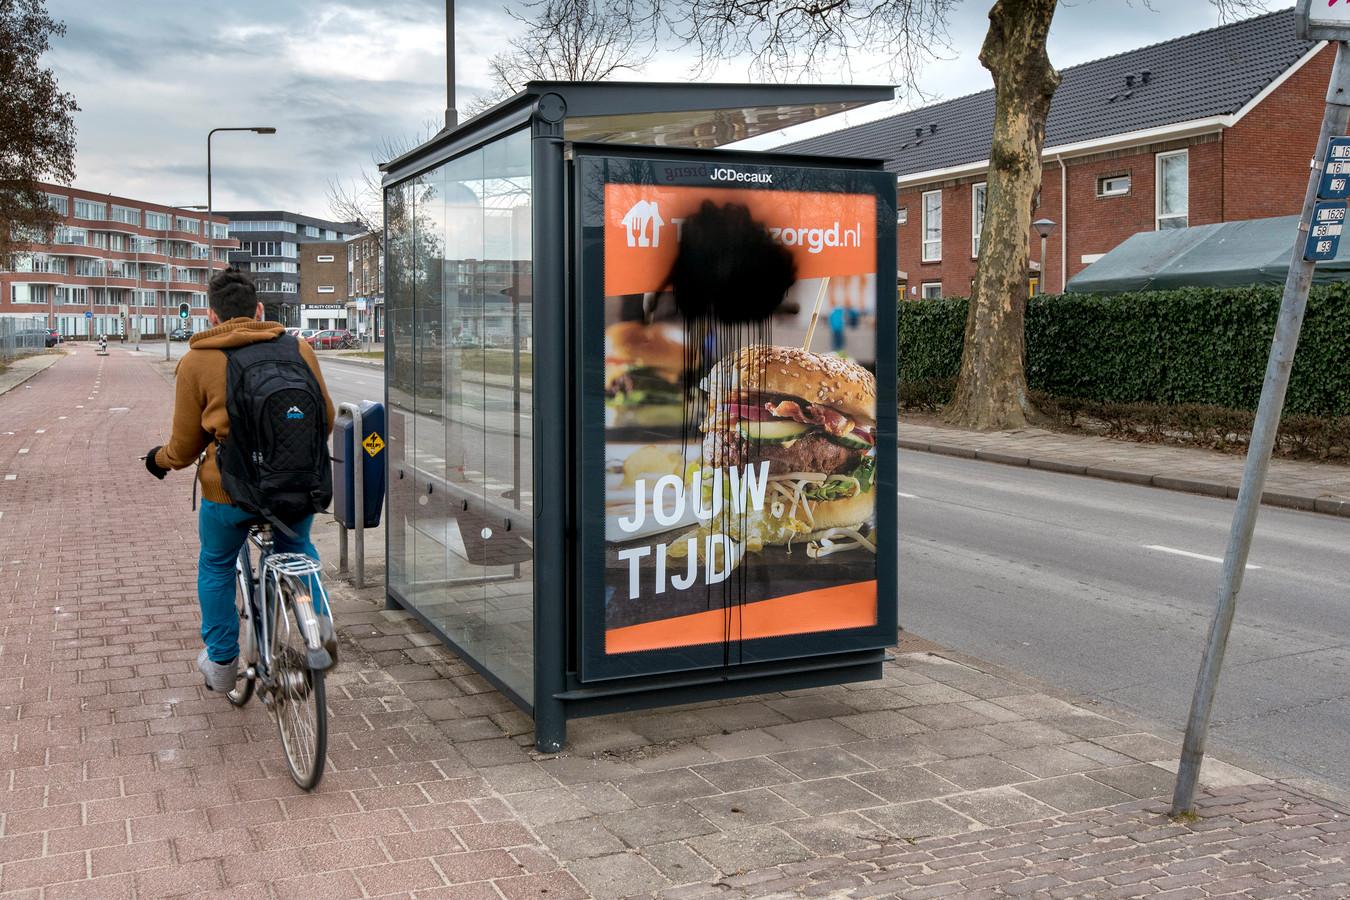 In Arnhem werden eerder deze week abri's gesloopt vanwege de Suitsupply posters. In deze abri zat eerst zo'n poster.